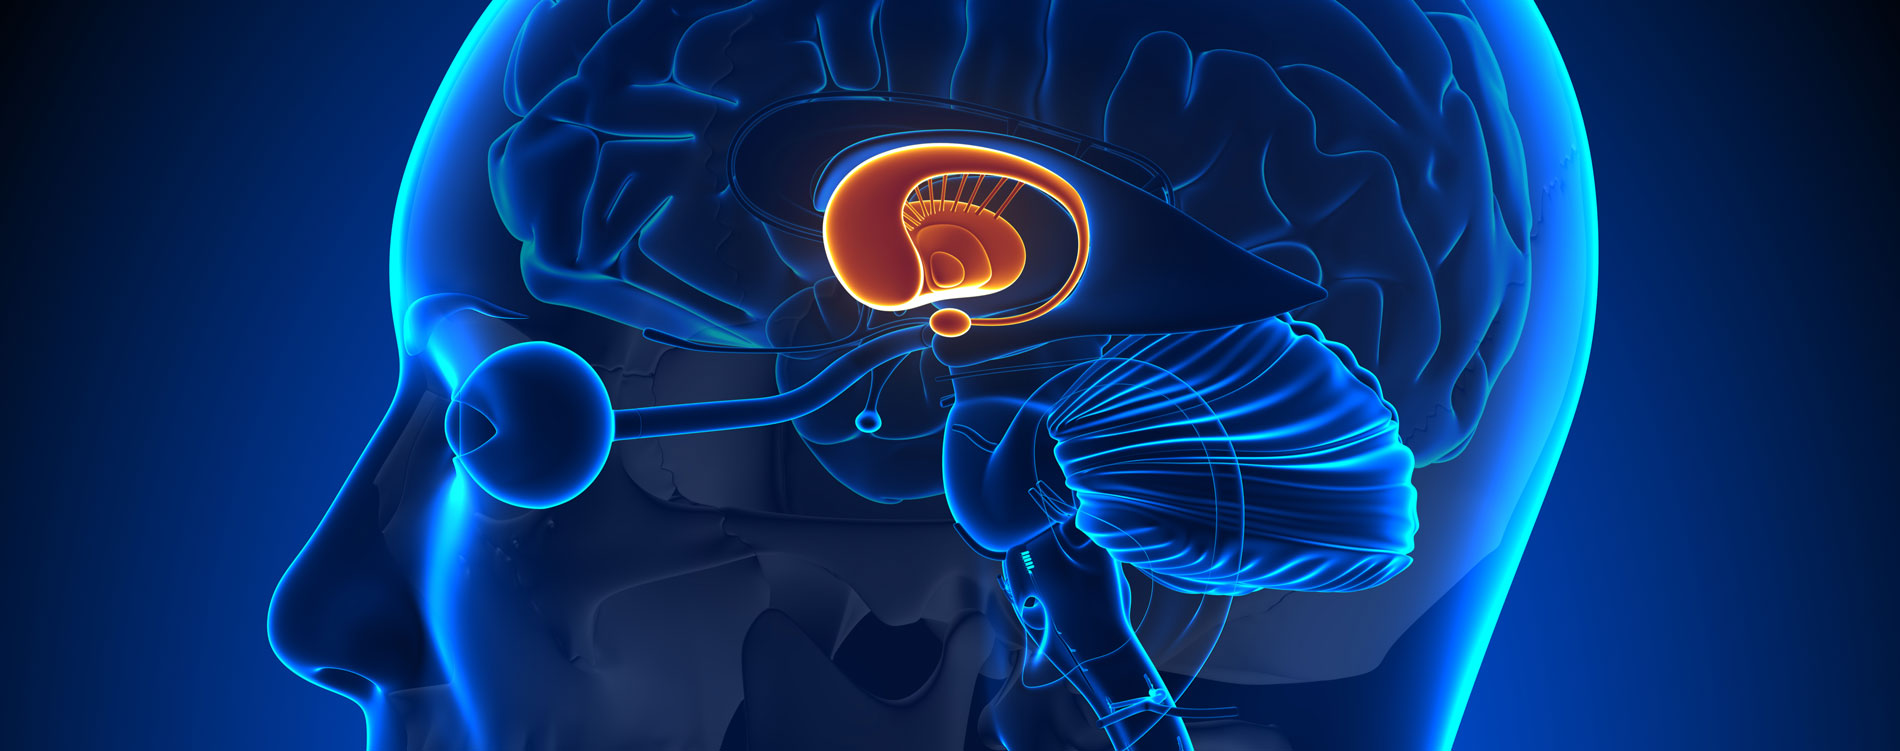 Stammganglien im menschlichen Gehirn